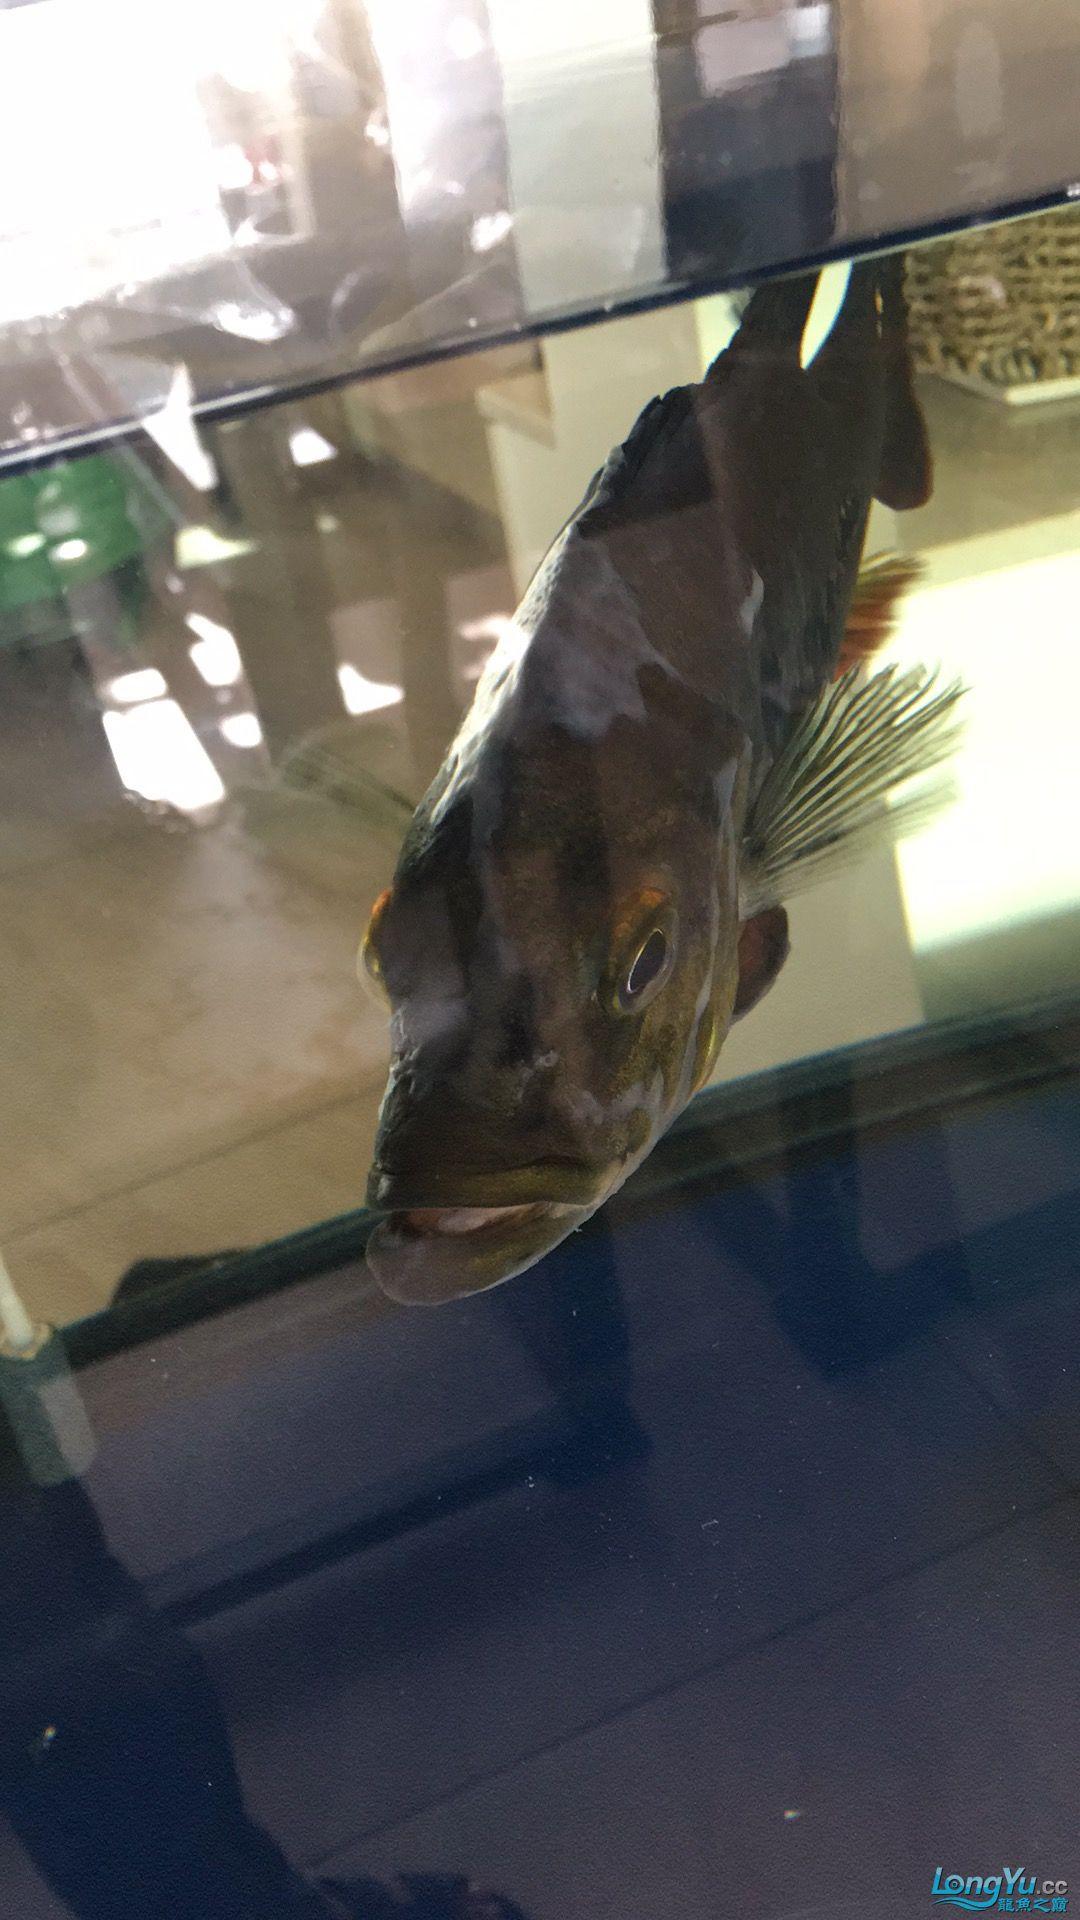 成都热带鱼水族箱市场红龙呼吸困难 成都水族批发市场 成都龙鱼第7张